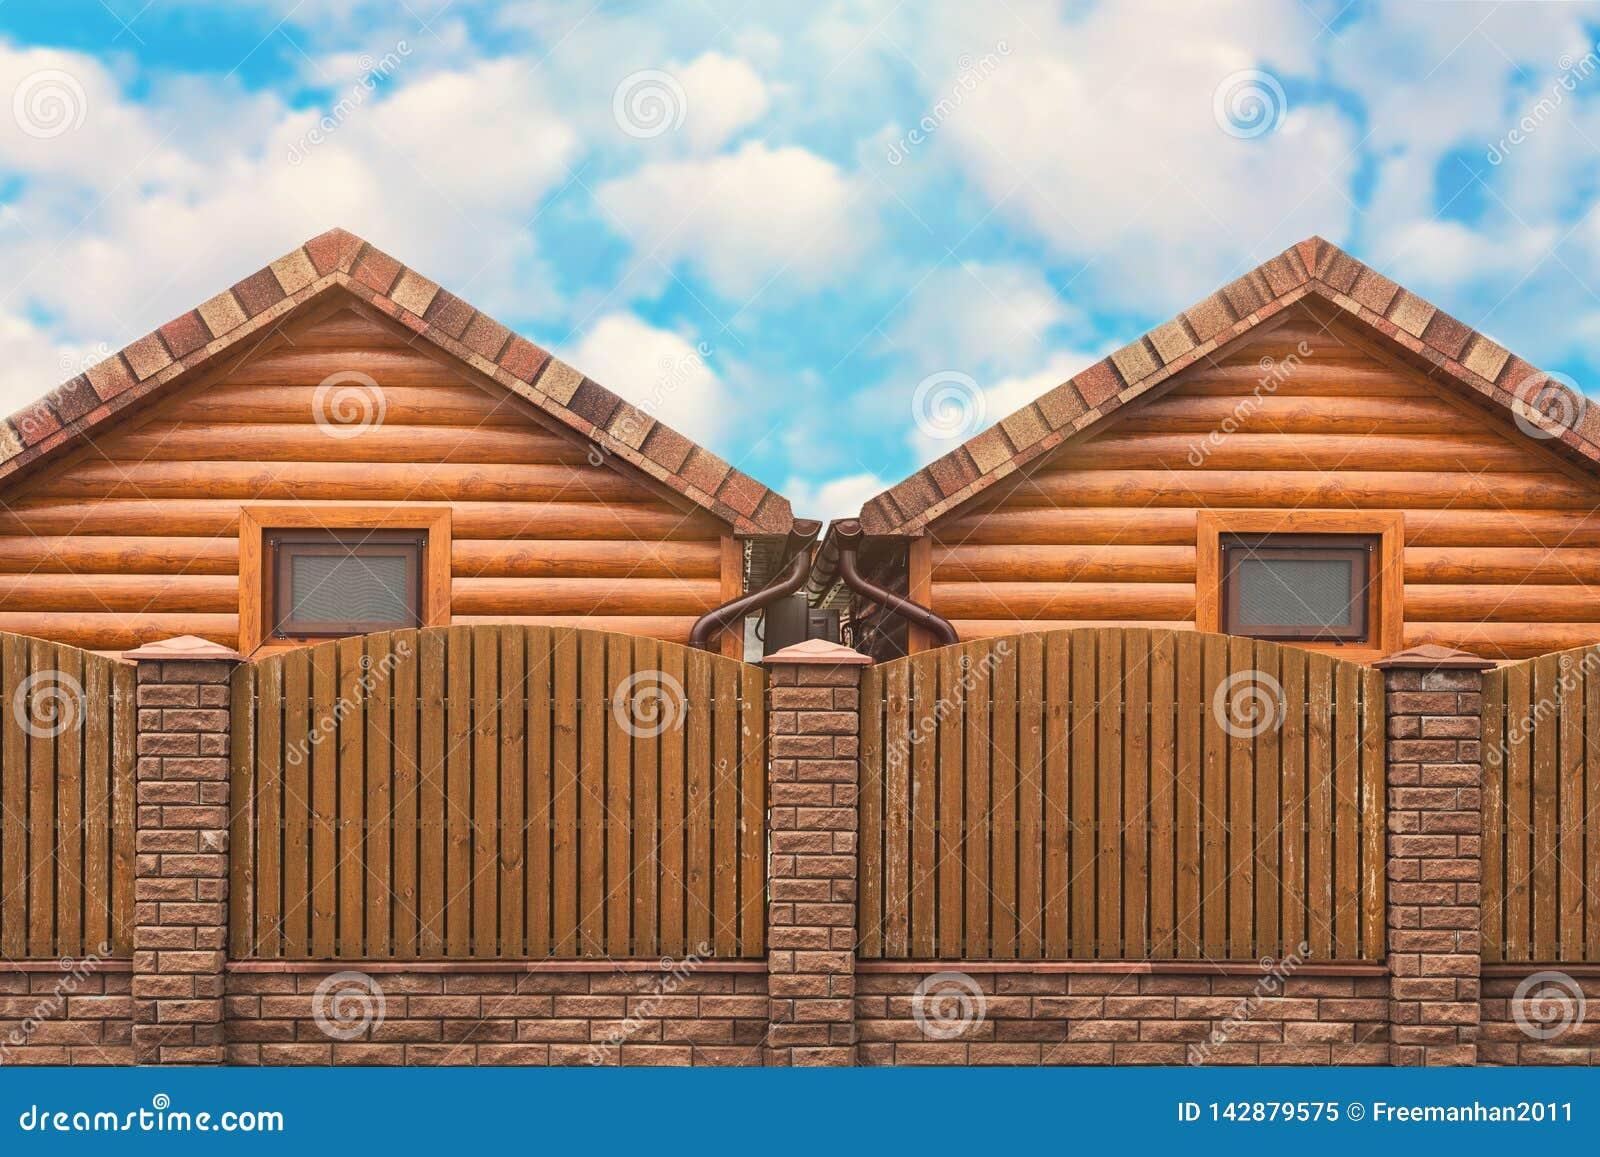 Dwa drewnianego domu z brązu ogrodzenia stojaka stroną strona - obok - Sąsiedztwo, nowy okręg